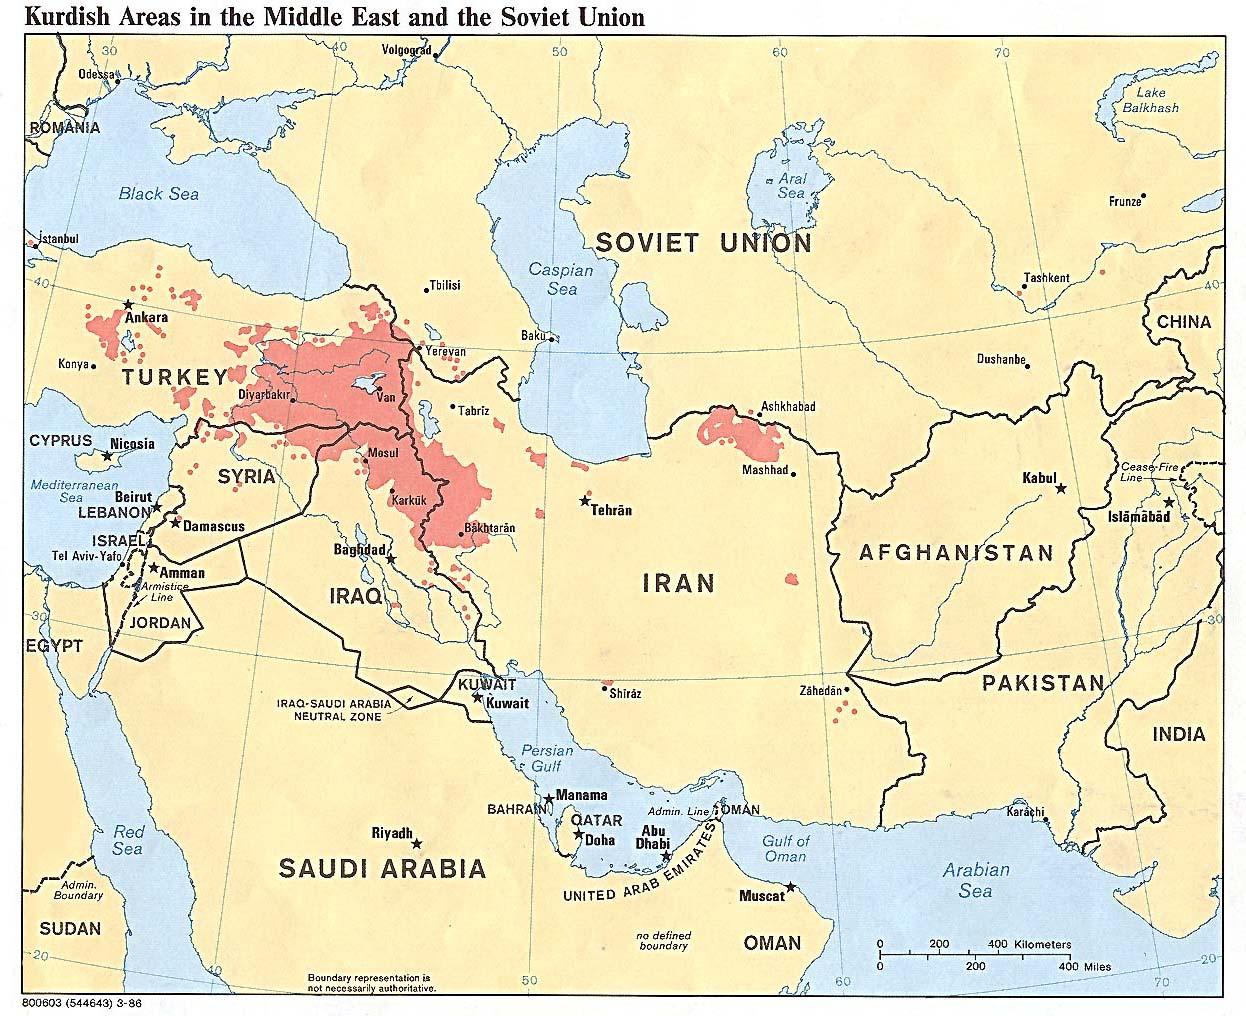 Los mapas del Medio Oriente sern distintos Kurdistn  Por Israel